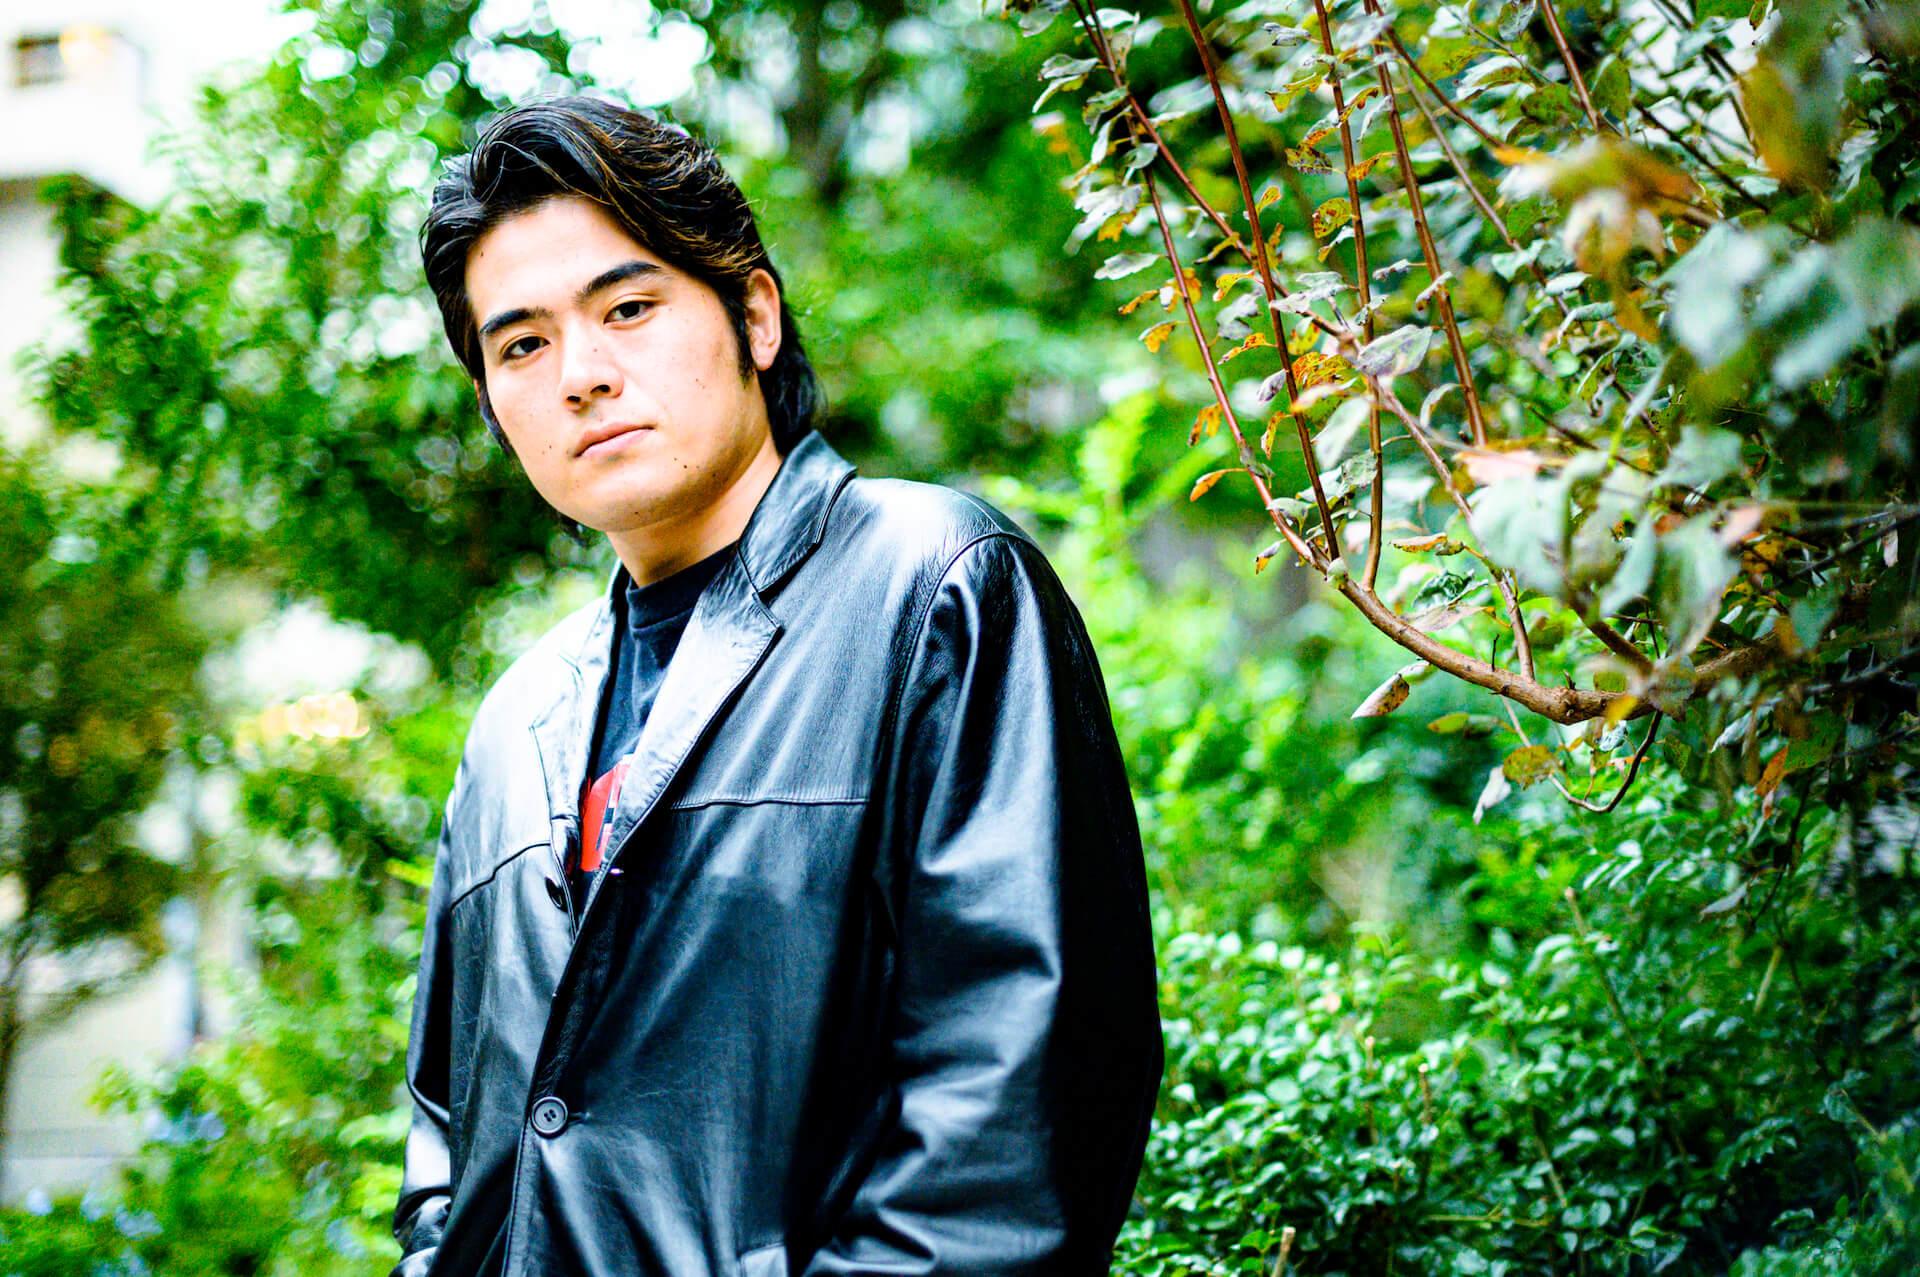 さらなる高みを目指すSANABAGUN.が4thアルバム『BALLADS』で求めた変化 interview-sanabagun-3